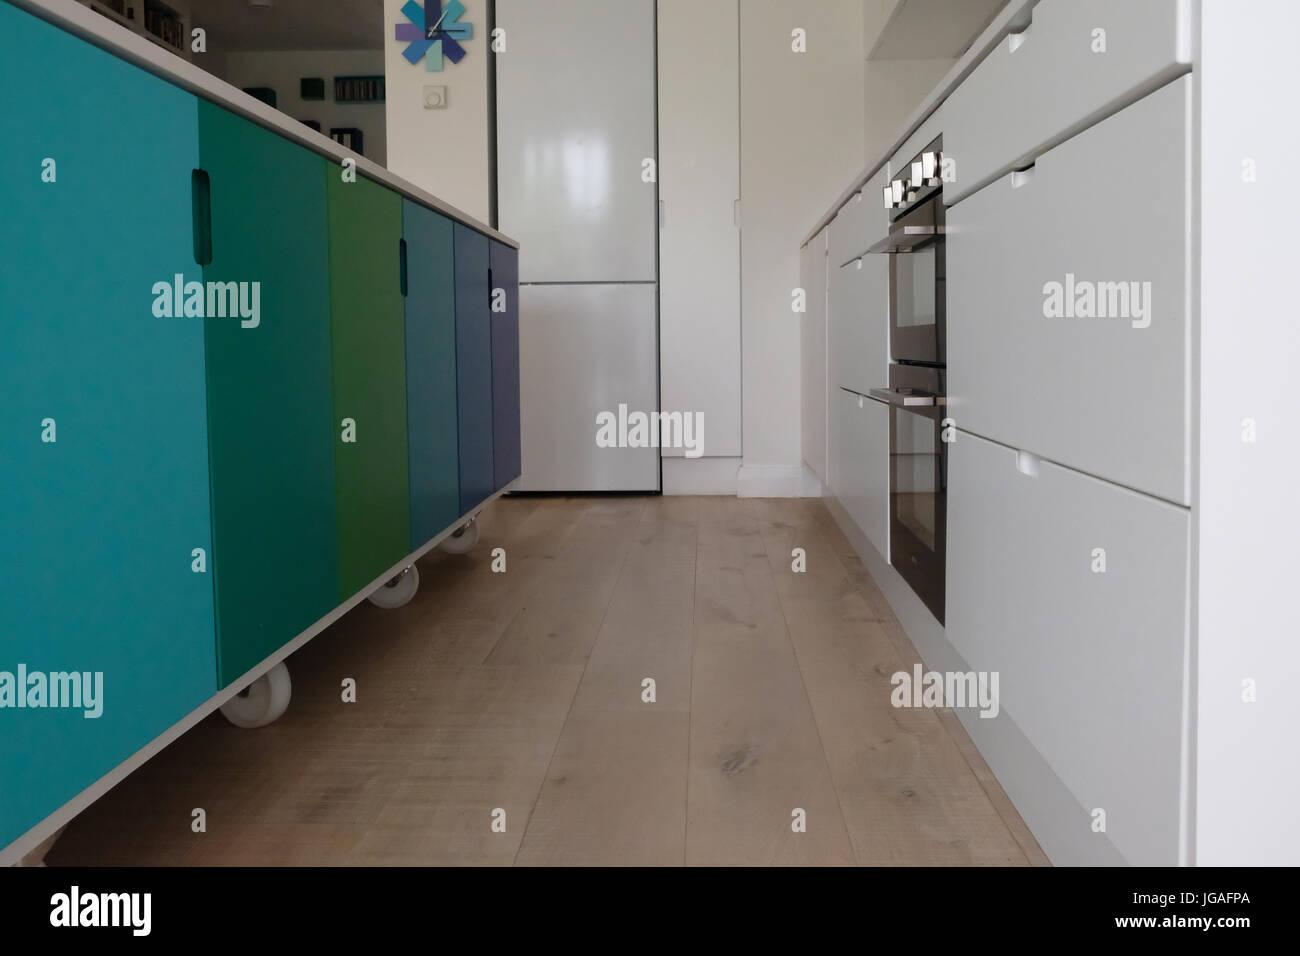 Bewegliche Küche Insel auf Rollen Stockfoto, Bild: 147749346 - Alamy